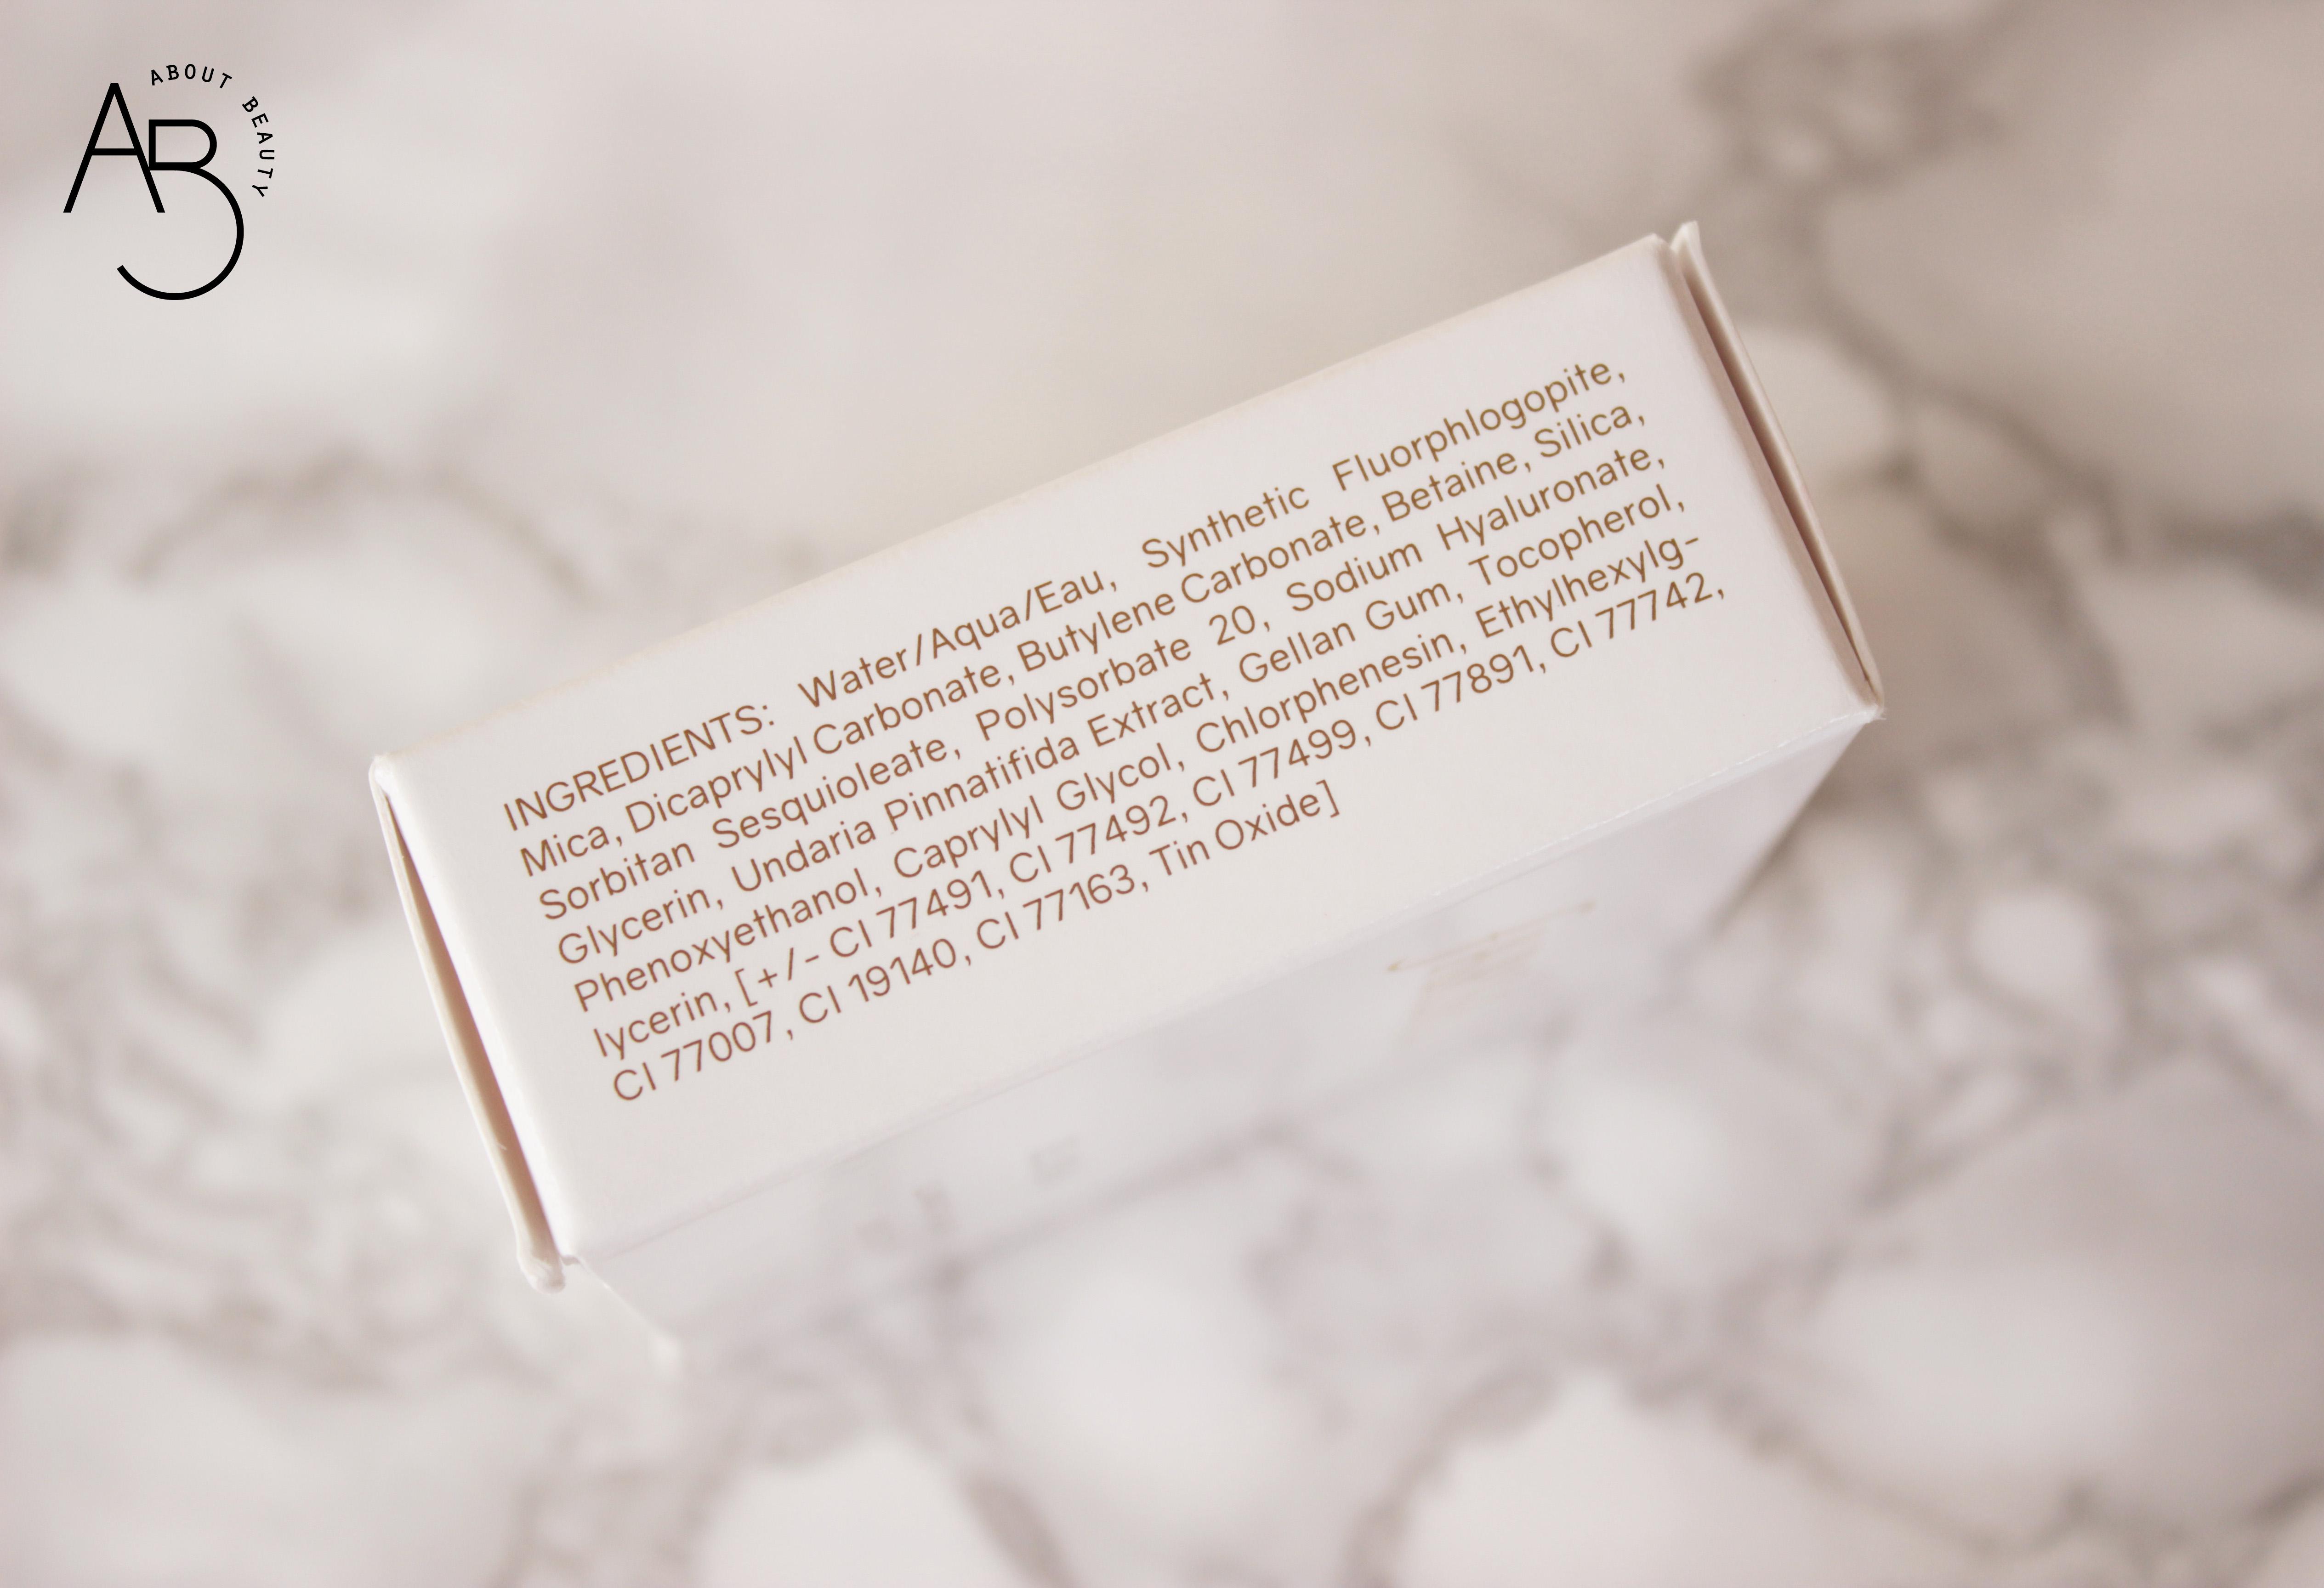 Farsali Jelly Beam Glazed illuminante in gel - Info, recensione, review, swatch, prezzo, dove acquistare, opinioni - INCI